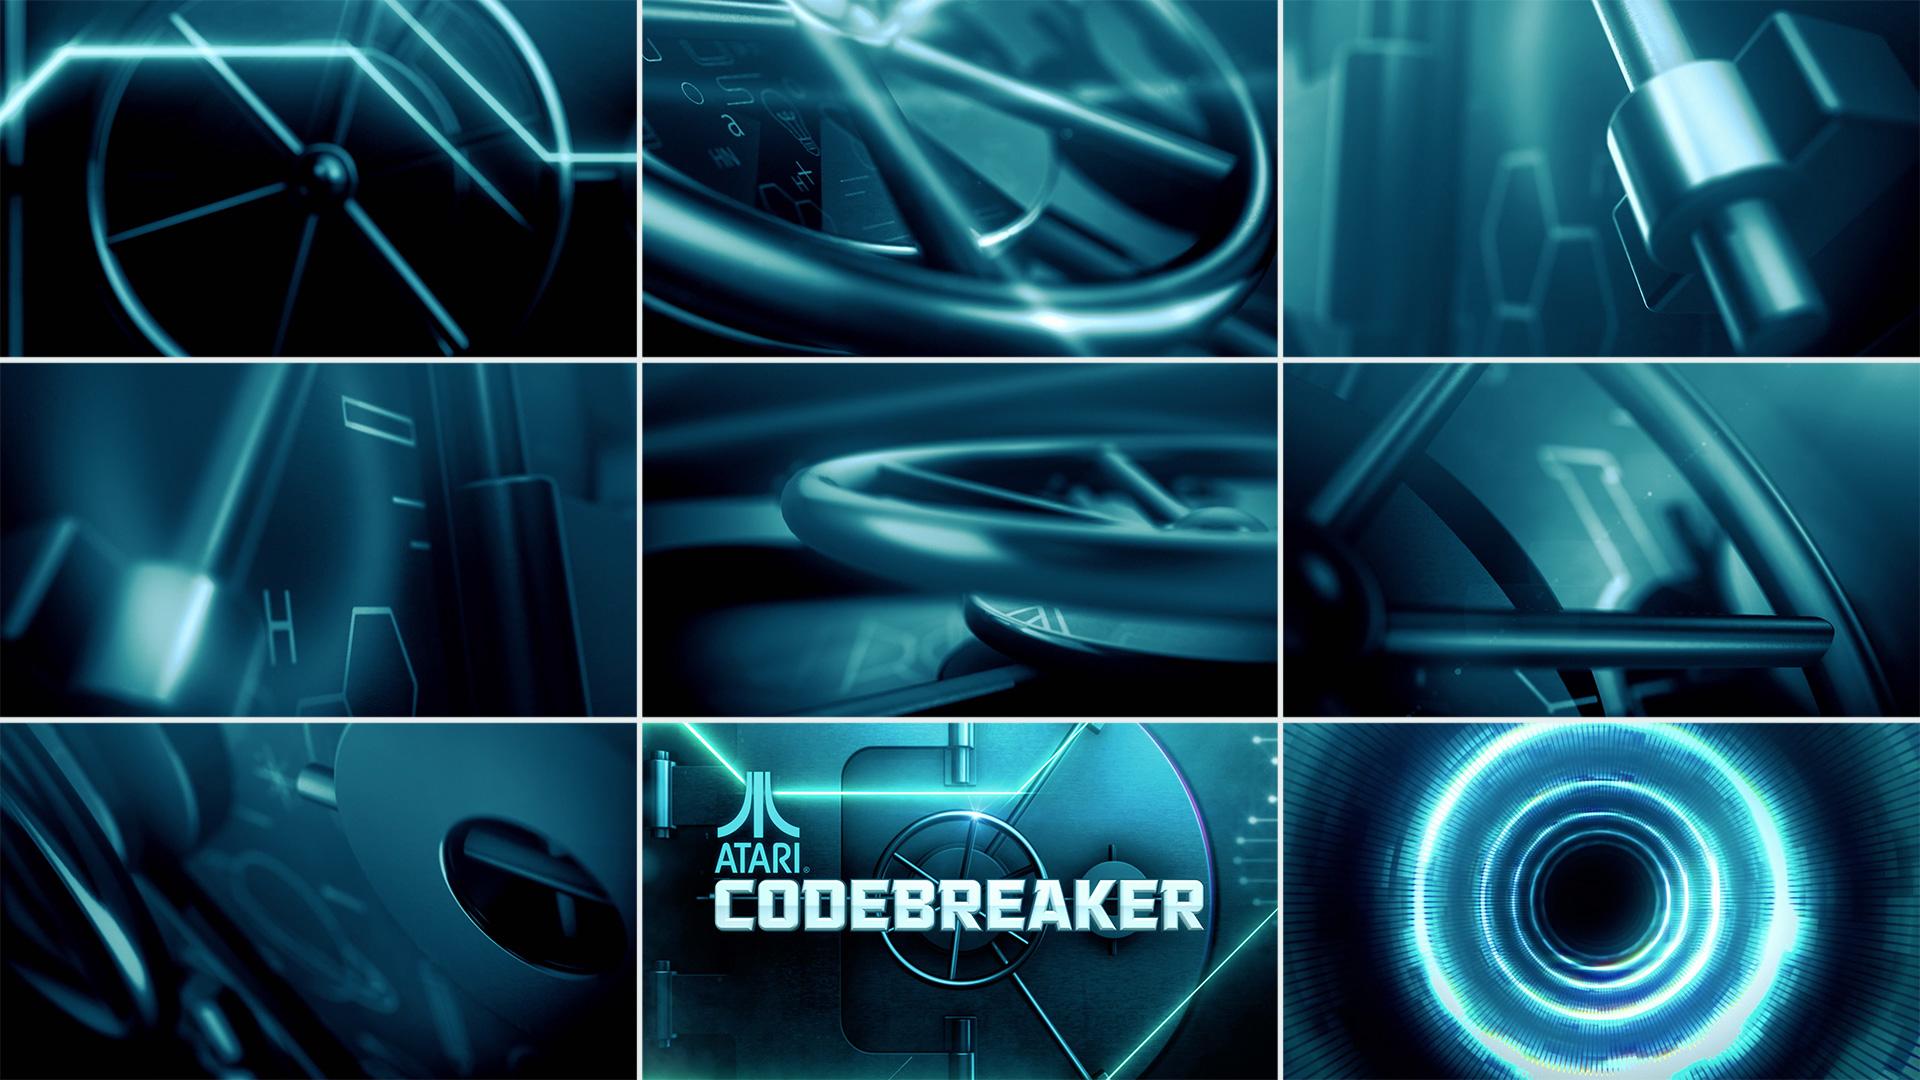 ATARI_grid_codebreaker_02